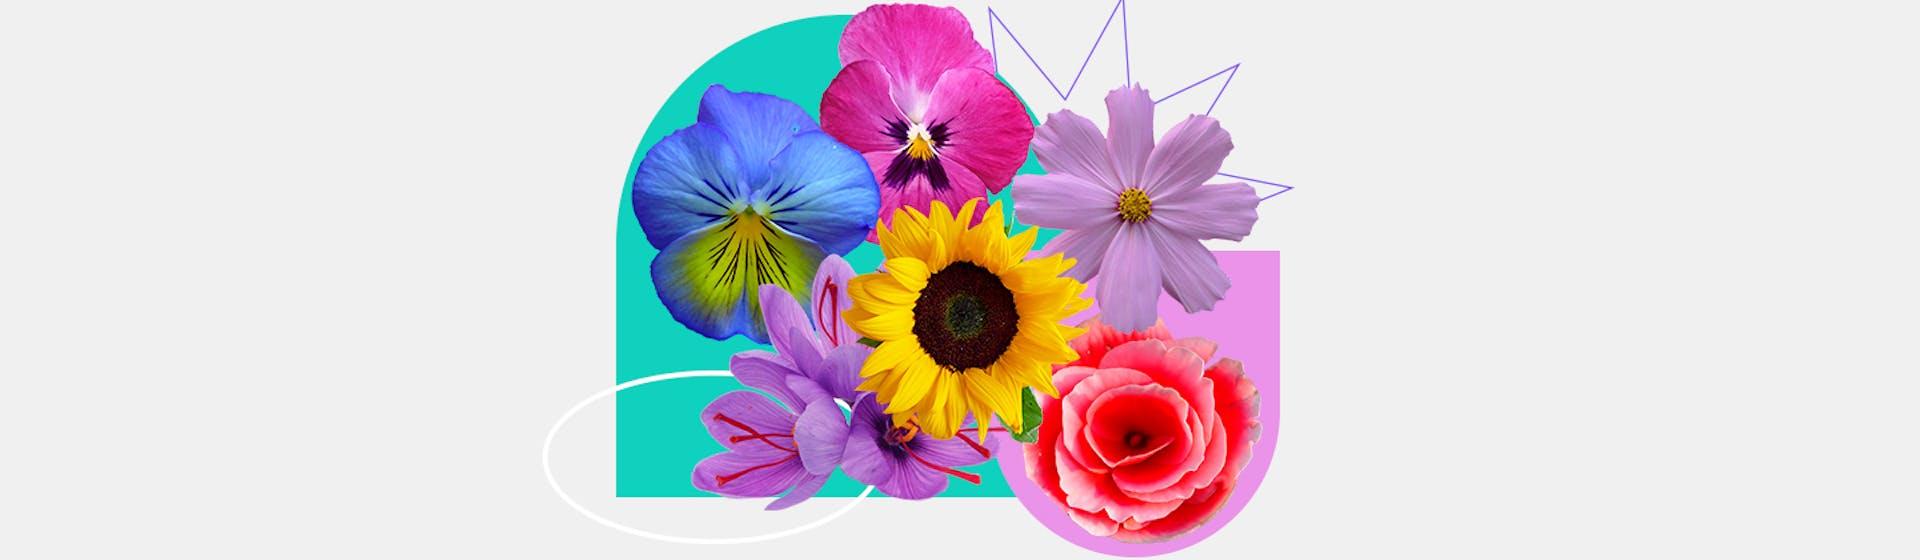 20 flores fáciles de cultivar en casa para amantes de la jardinería